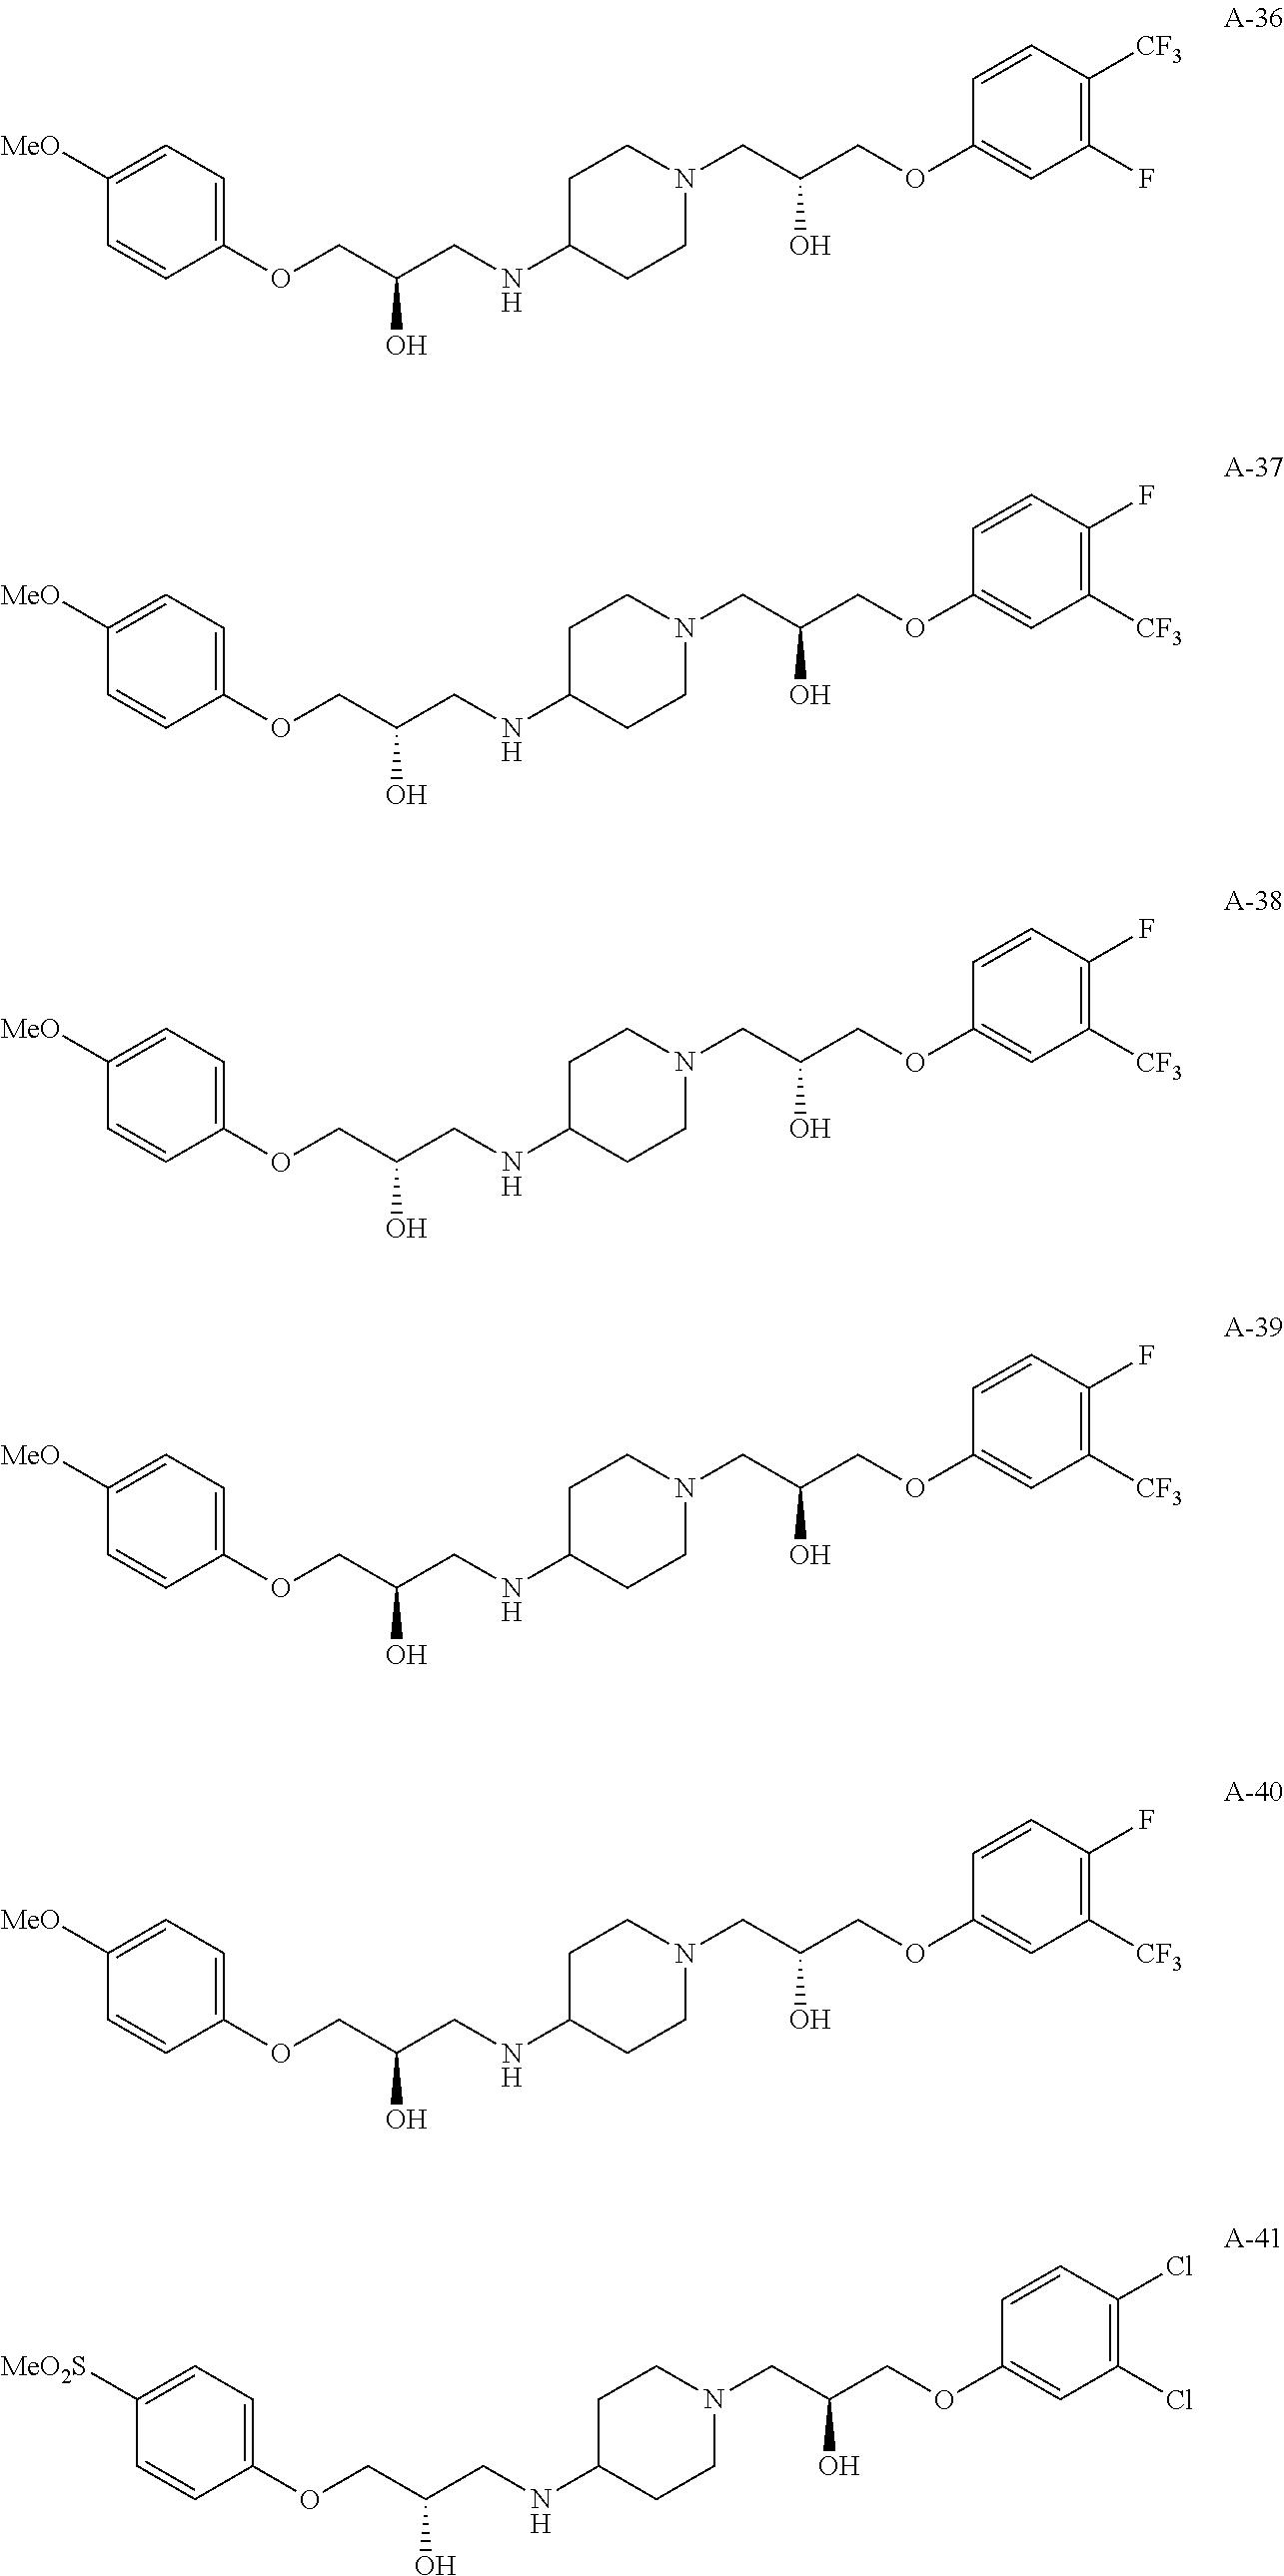 Figure US20190100493A1-20190404-C00011